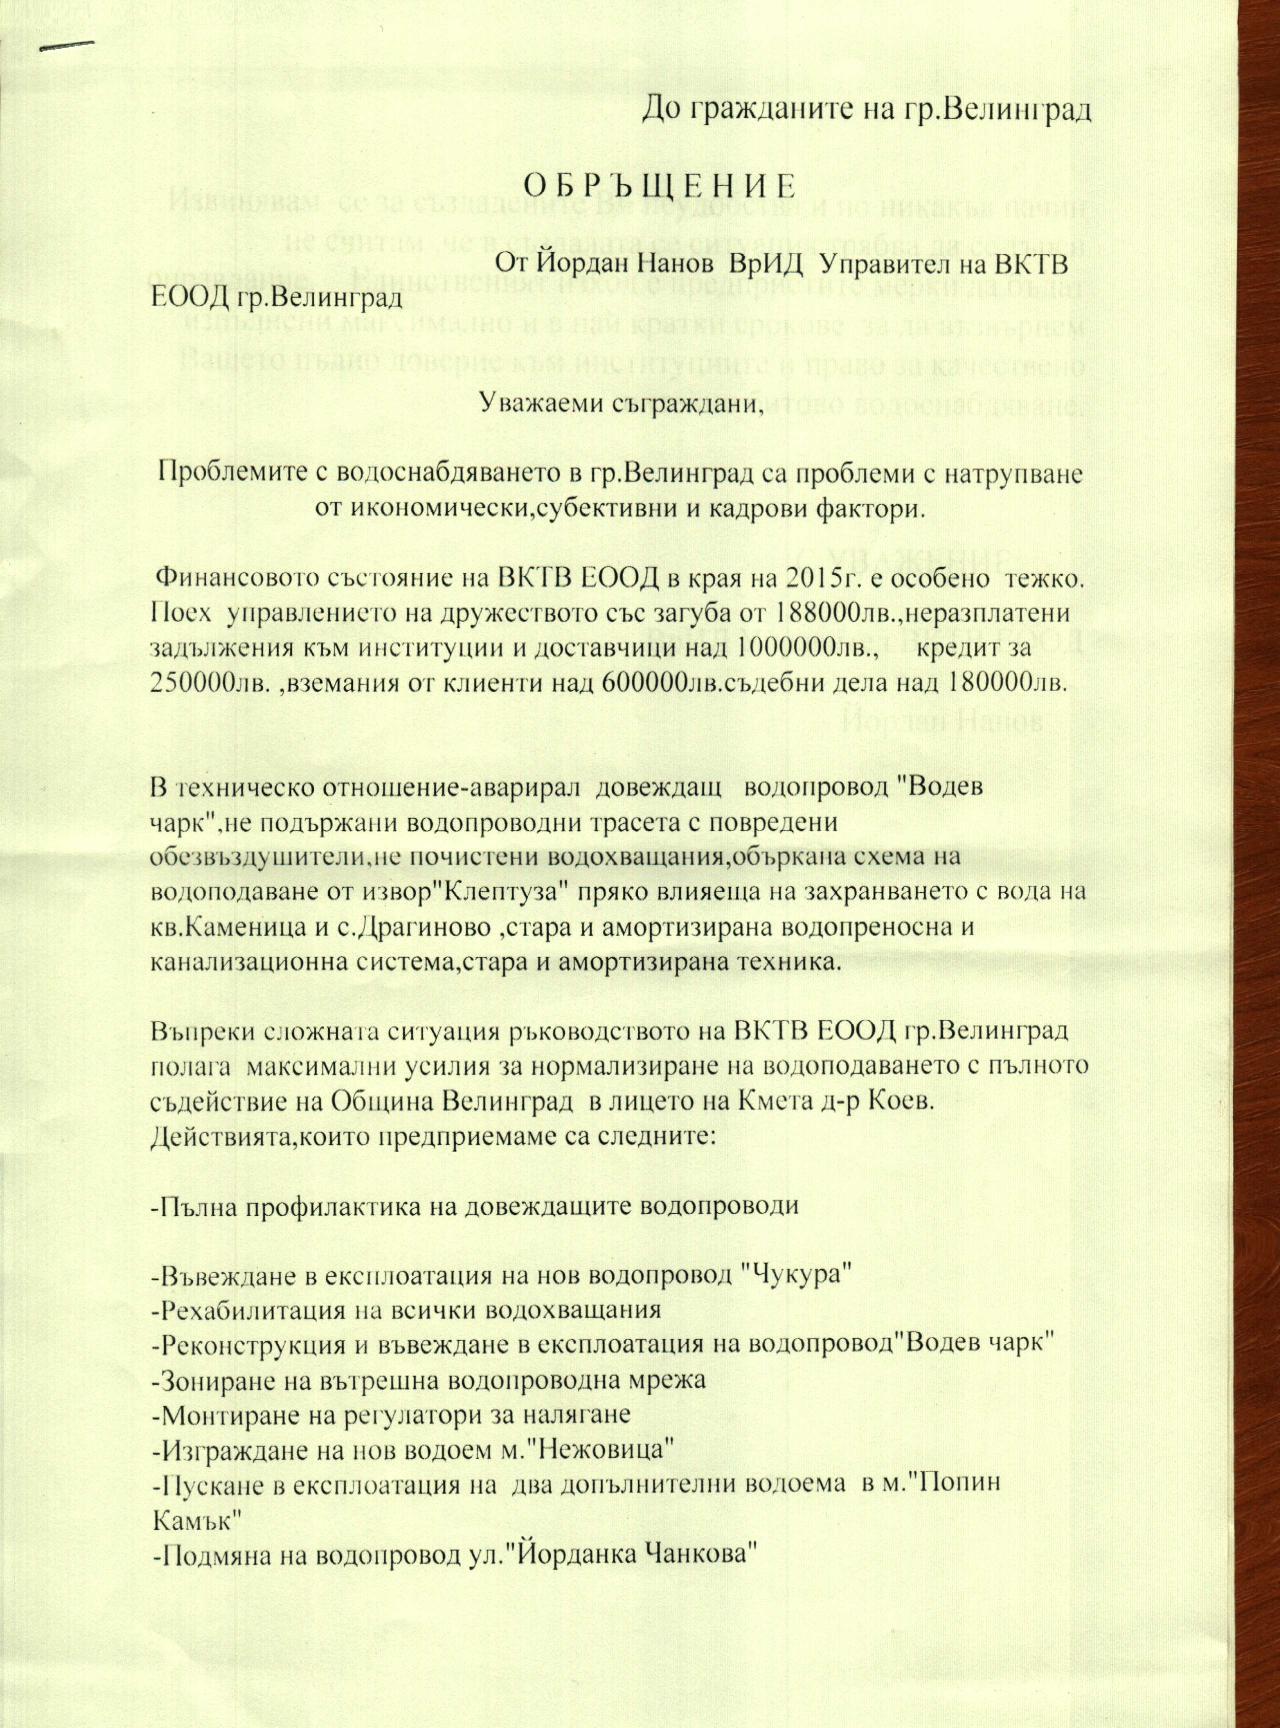 775_Obrashtenie-page-001